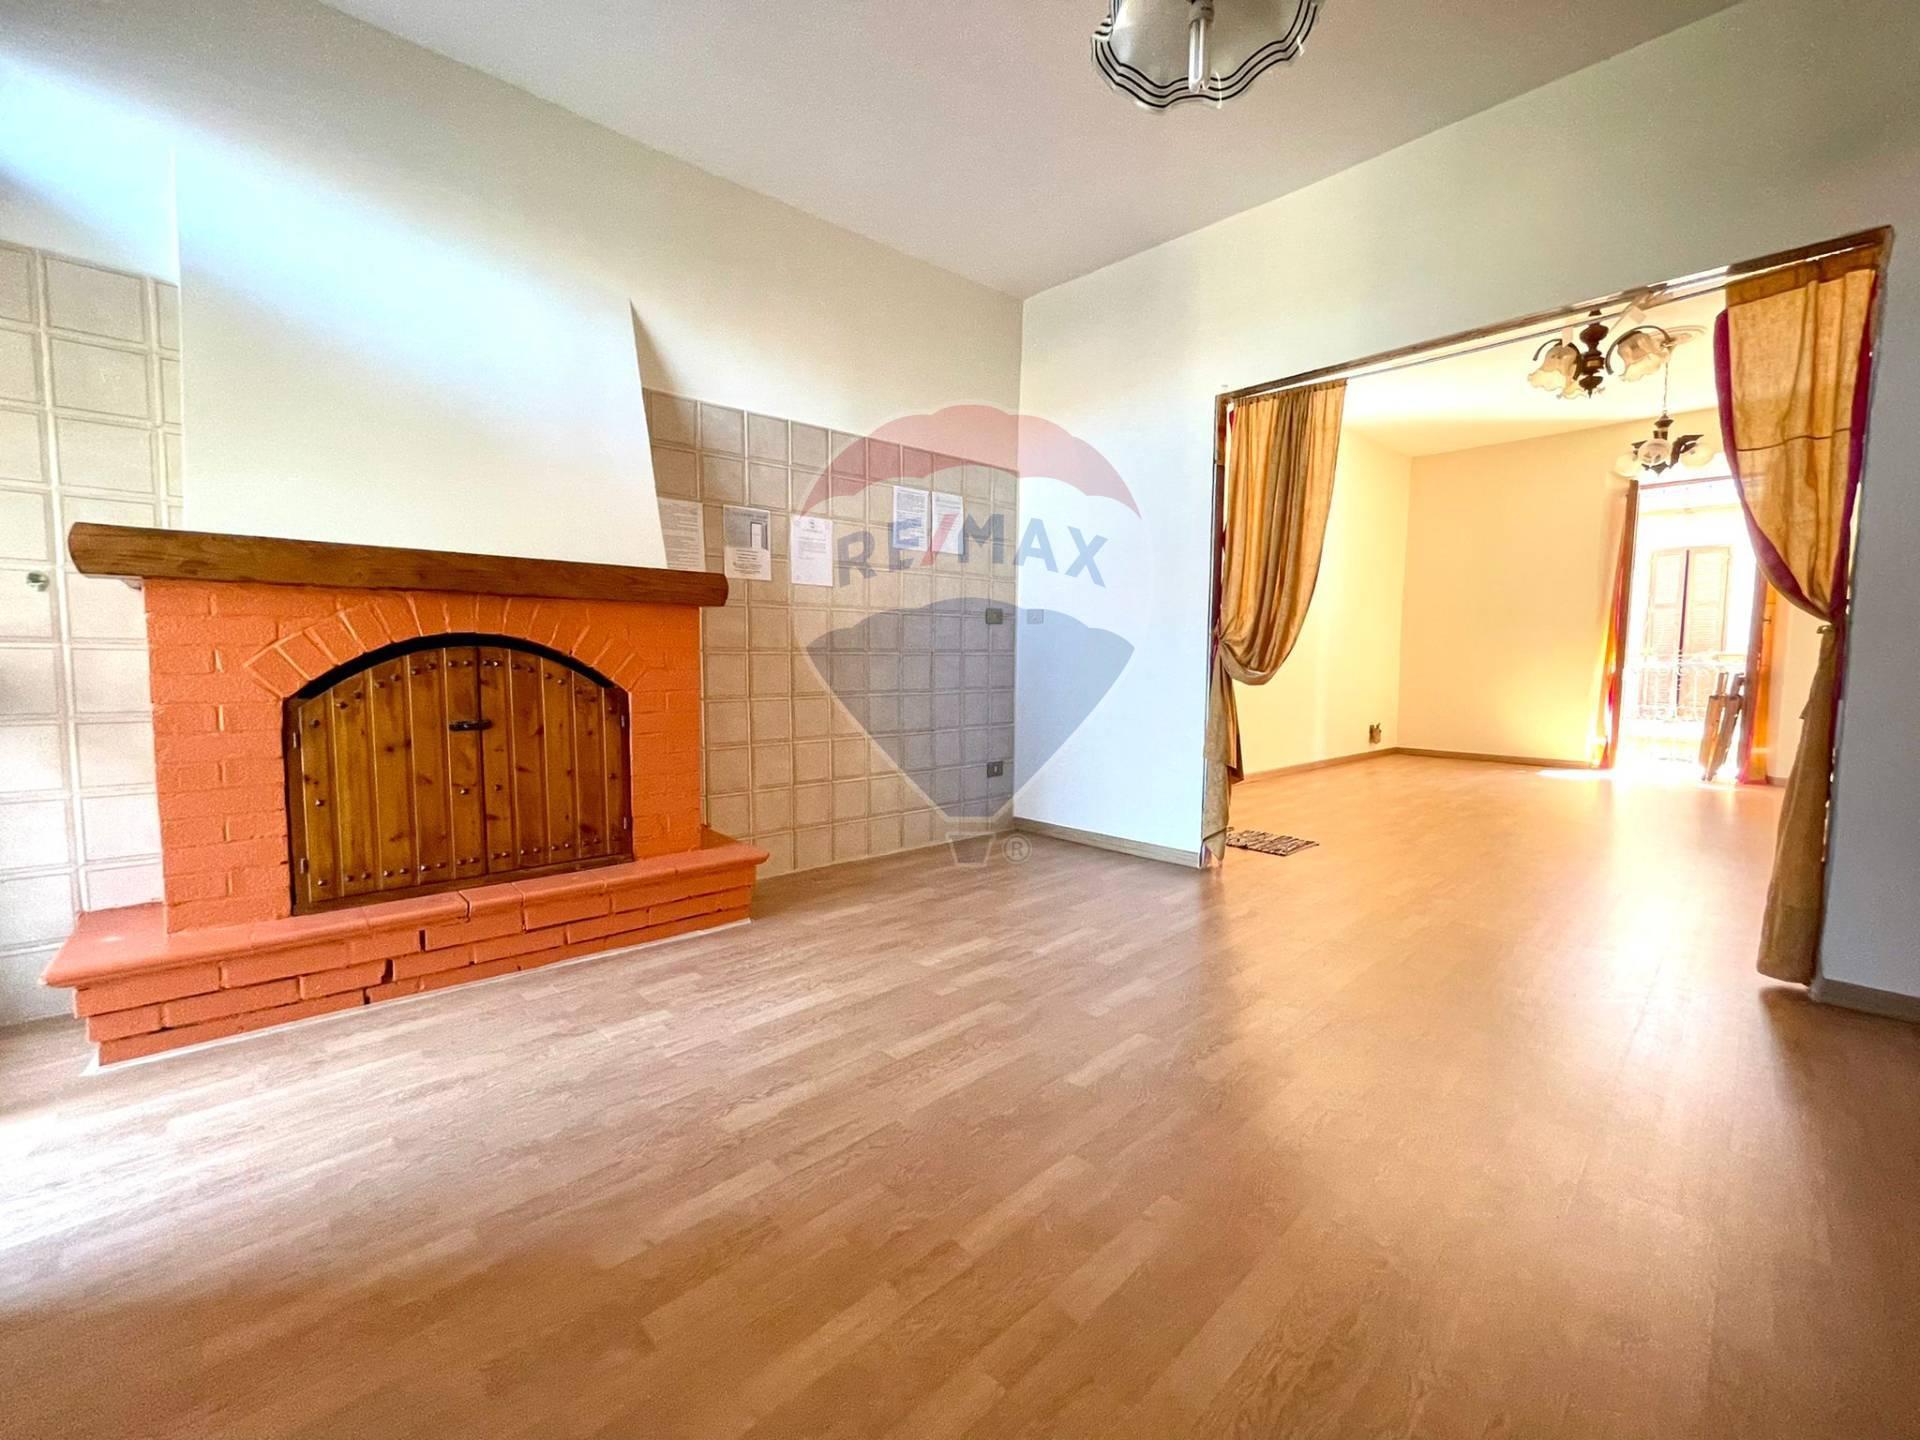 Appartamento in vendita a Campagnano di Roma, 5 locali, prezzo € 76.000   CambioCasa.it